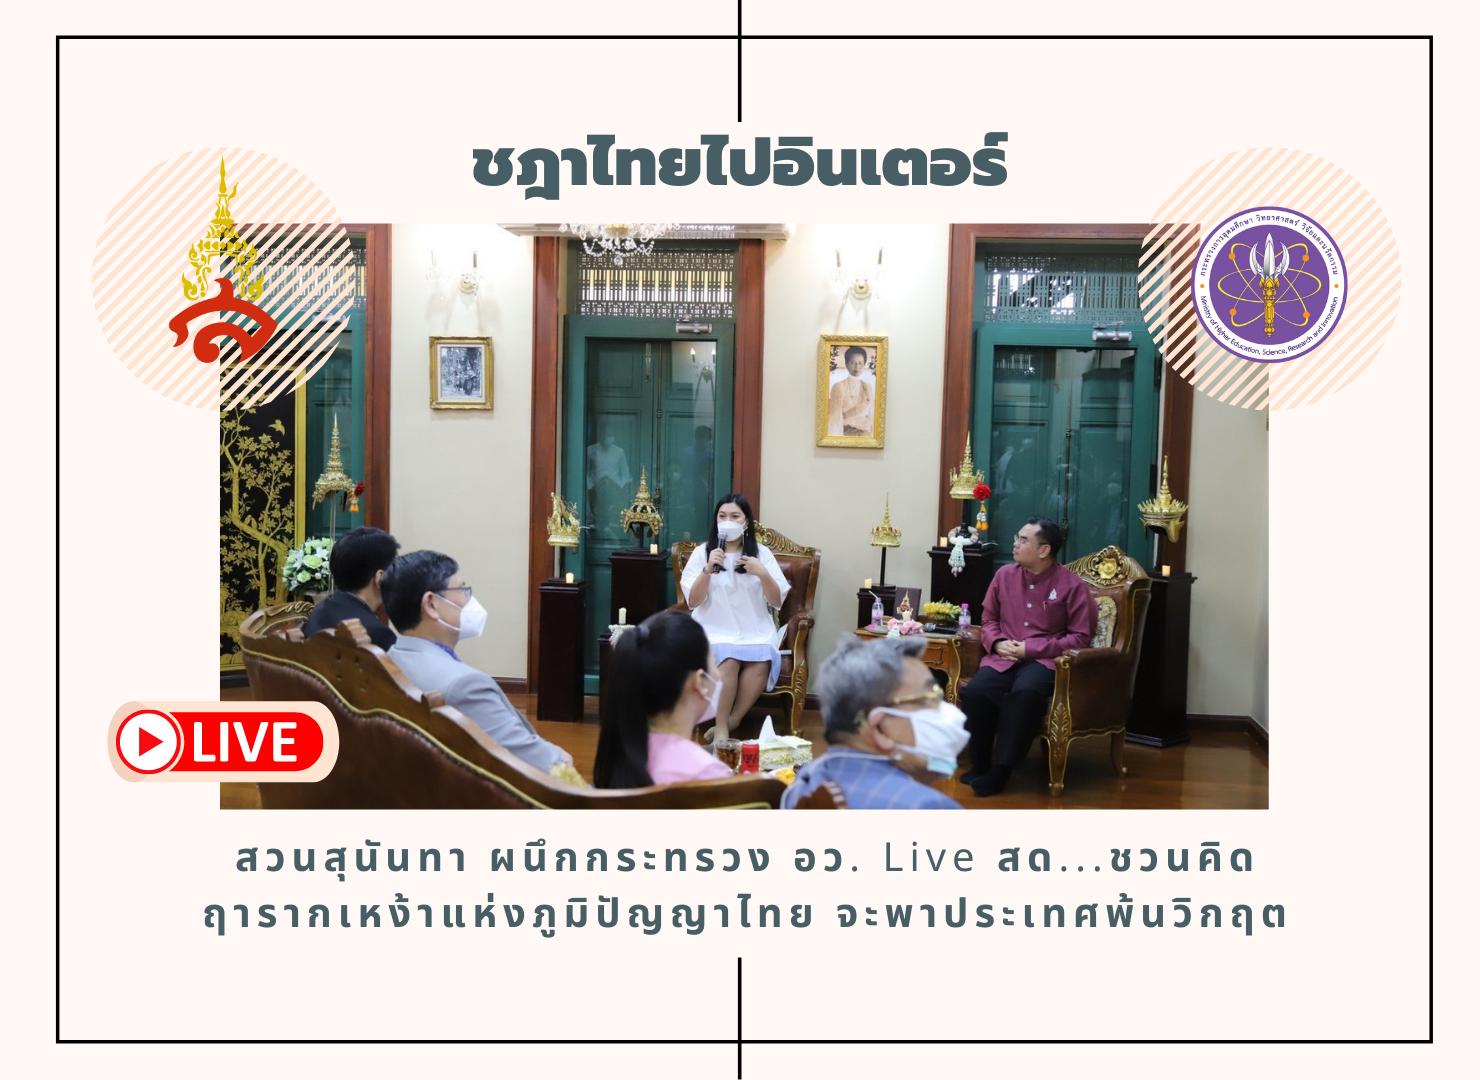 """สวนสุนันทาผนึกกระทรวง อว. Live สด ชวนคิด """"ชฎาไทยไปอินเตอร์"""" ฤารากเหง้าแห่งภูมิปัญญาไทย จะพาประเทศพ้นวิกฤต"""